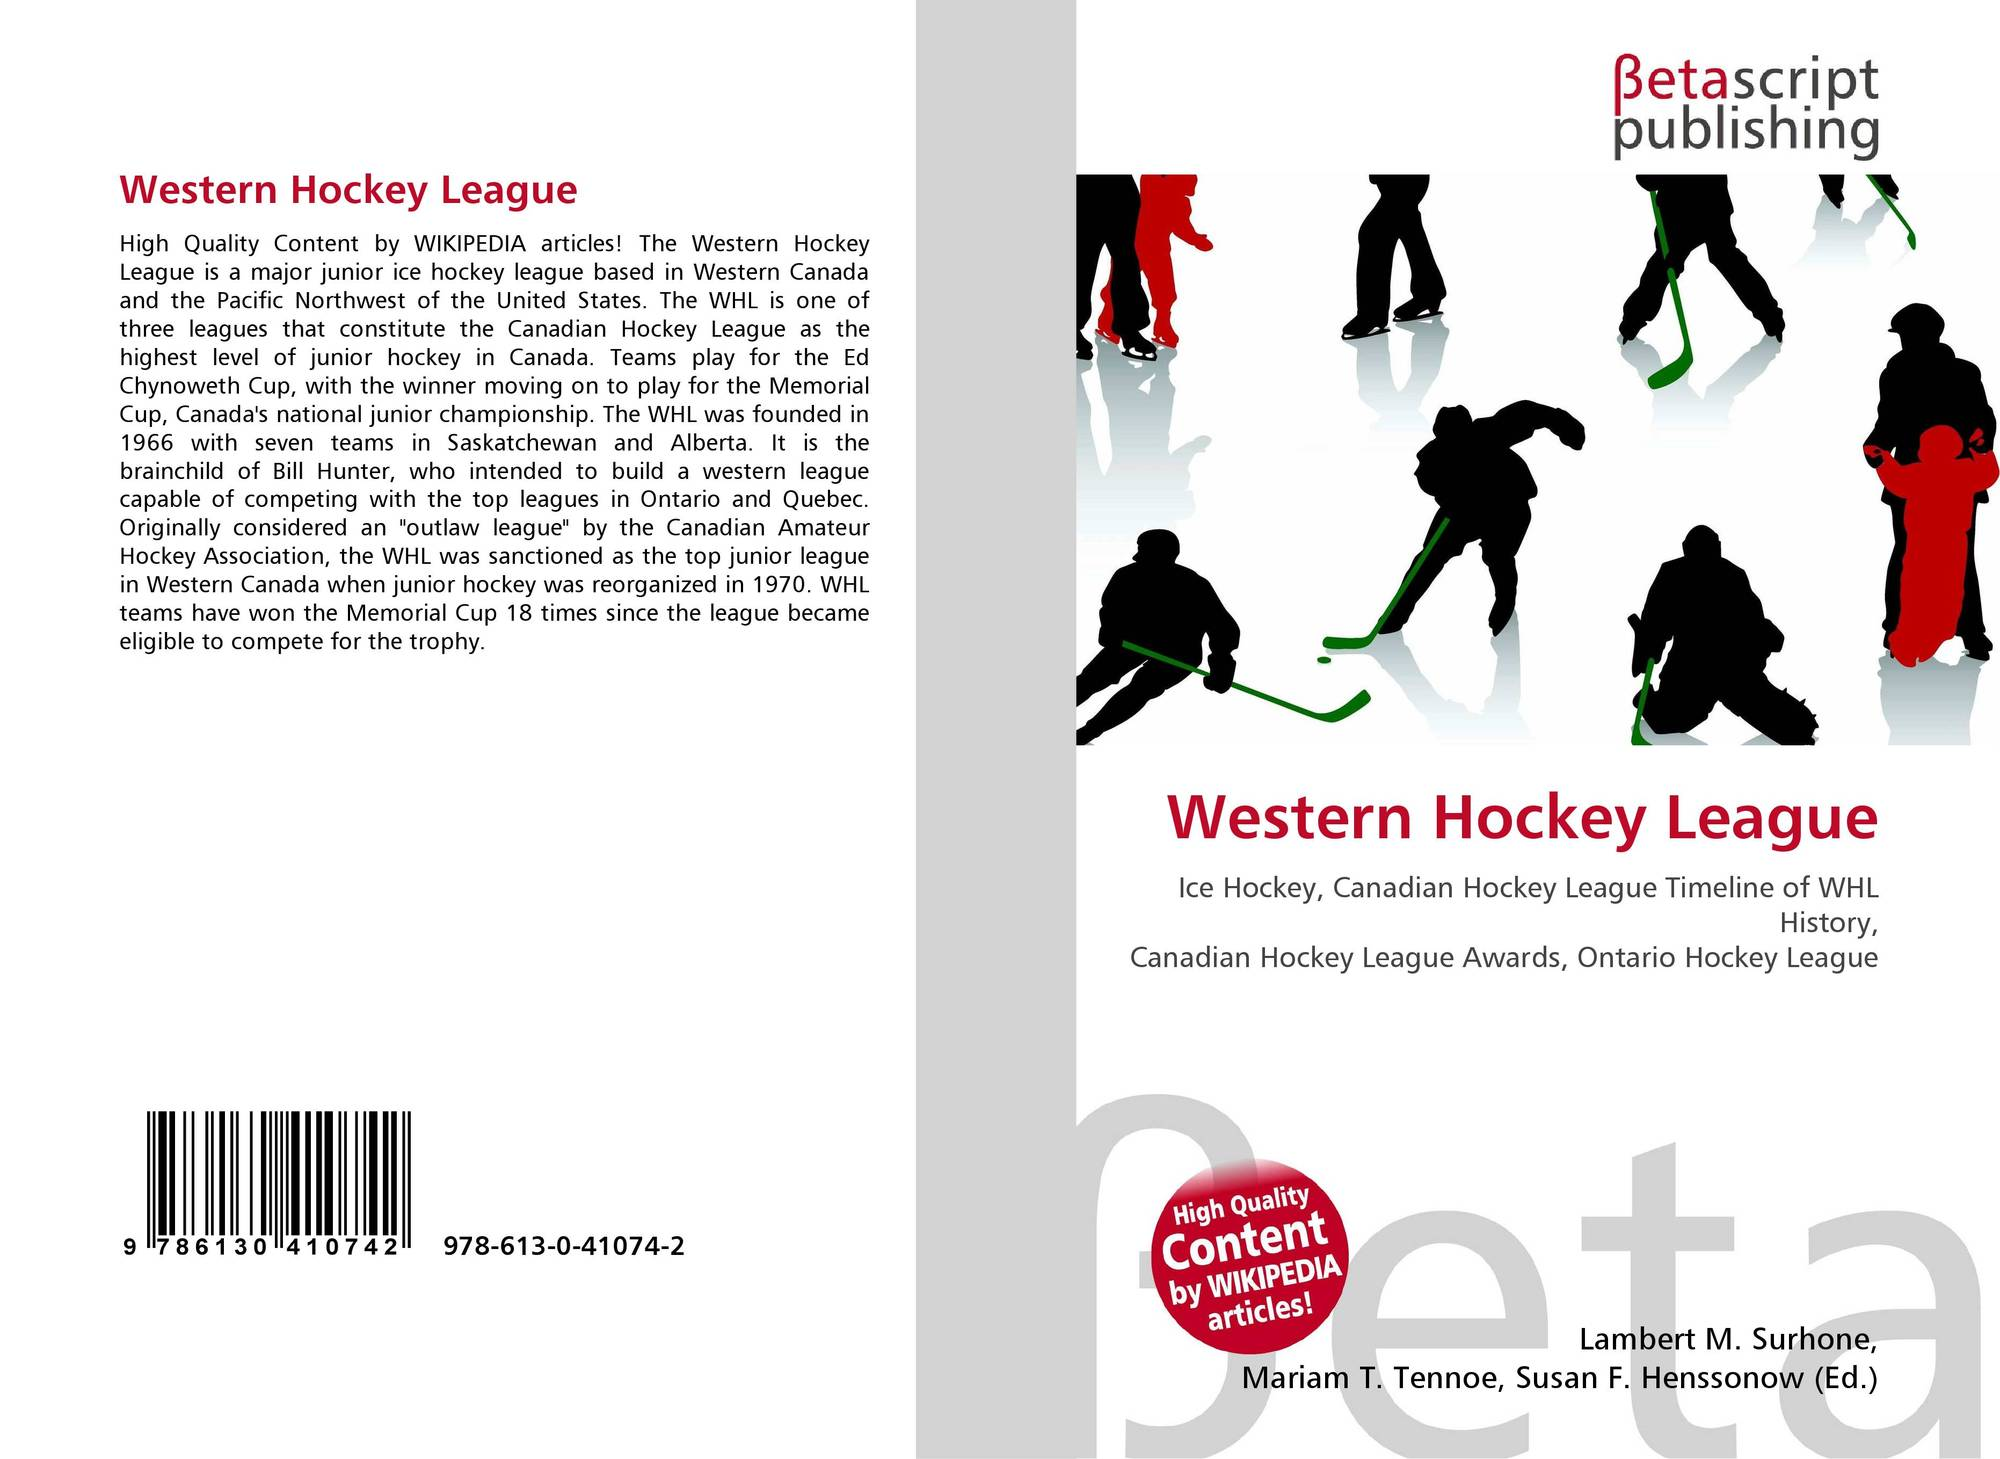 Western Hockey League, 978-613-0-41074-2, 6130410743